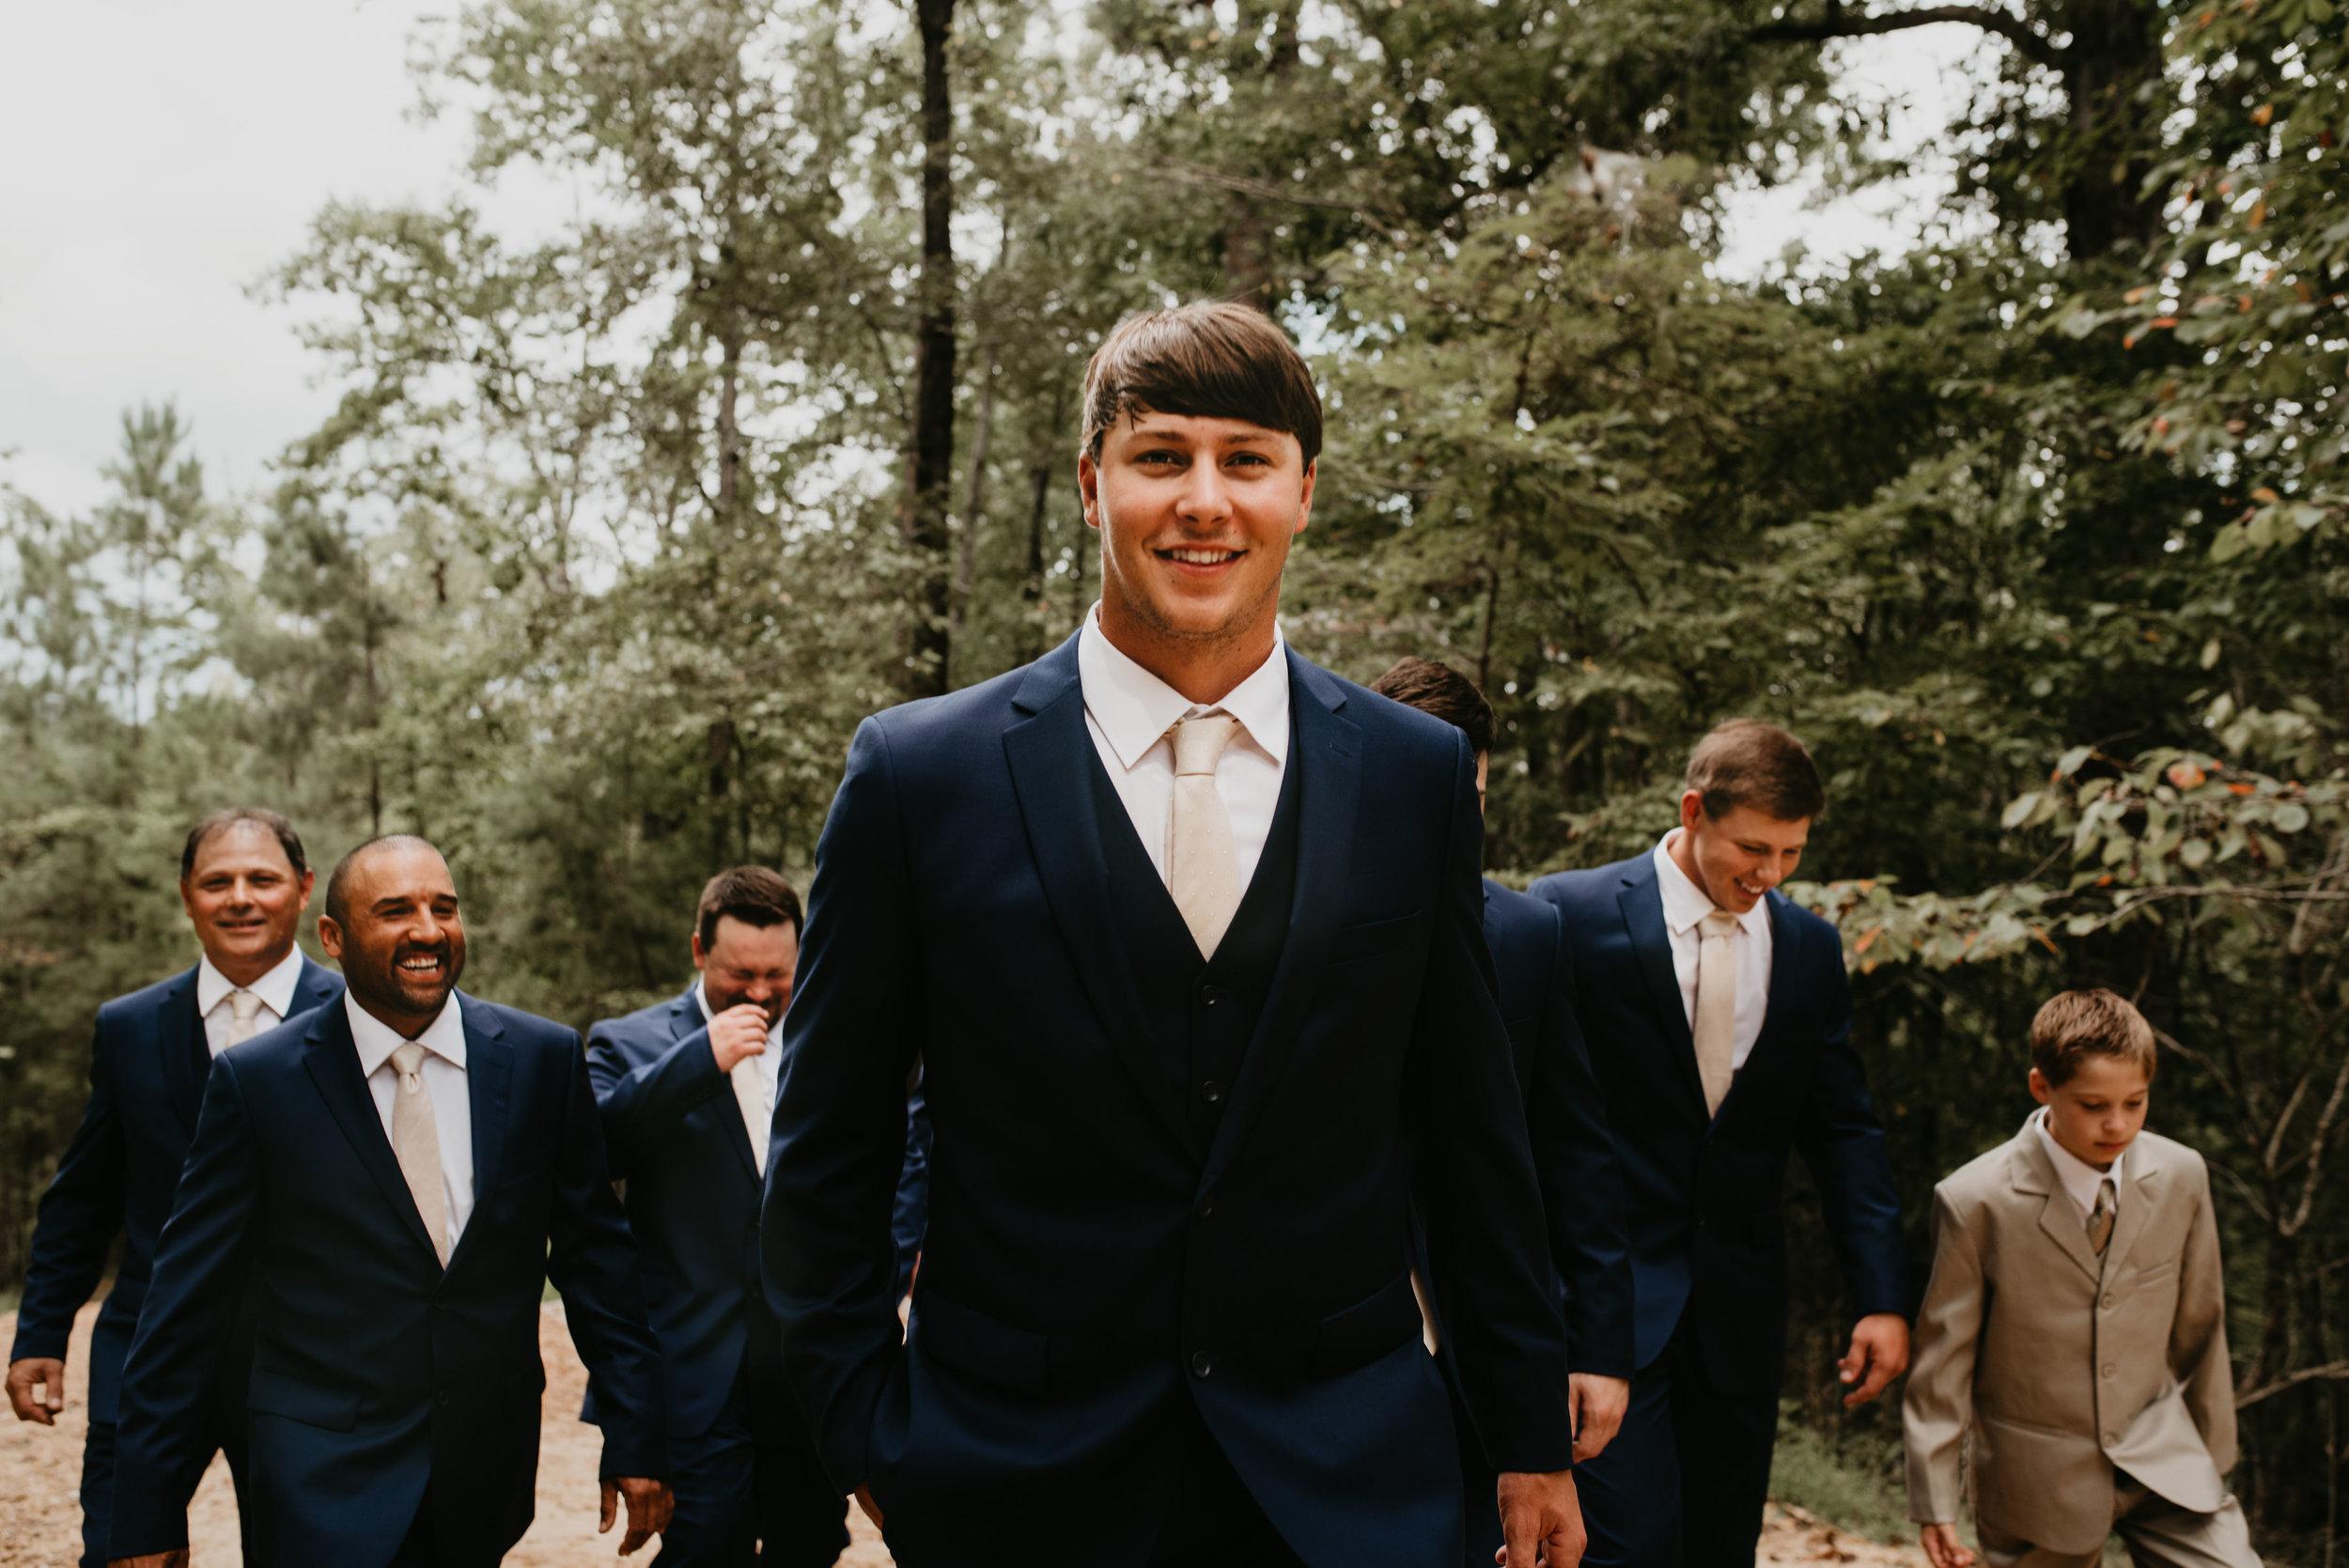 LunaRaePhotography_Hodge_WeddingParty-54.jpg